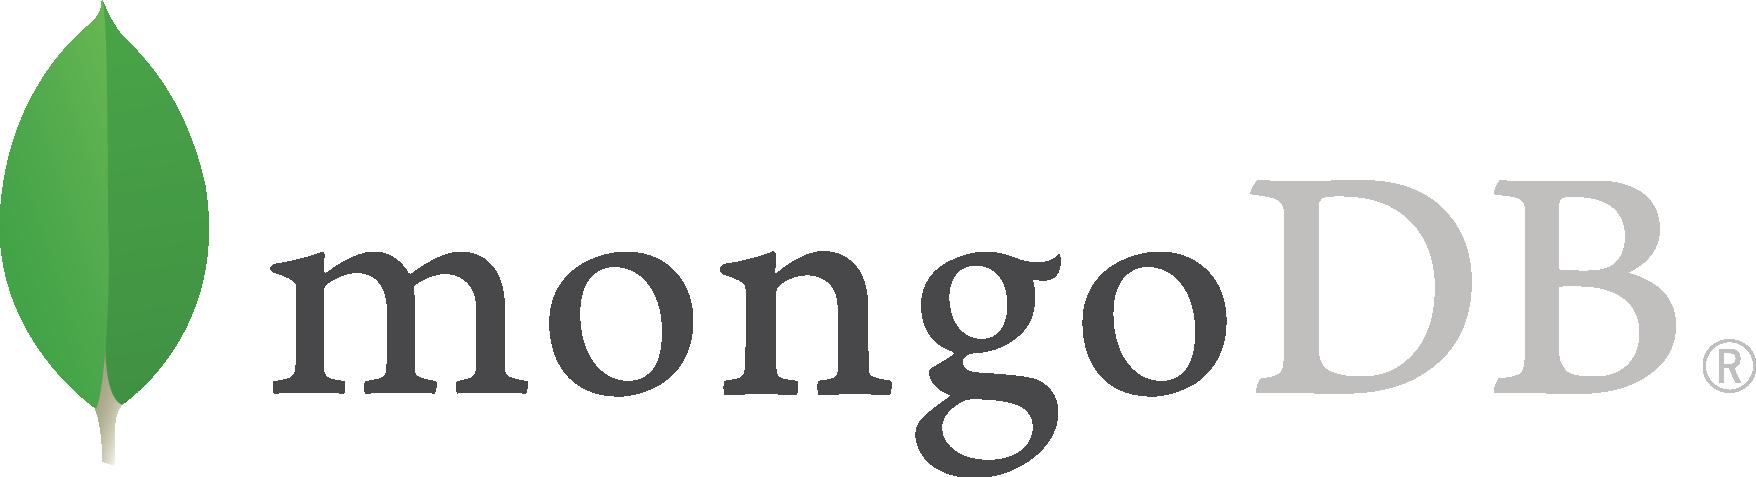 https://www.mongodb.org